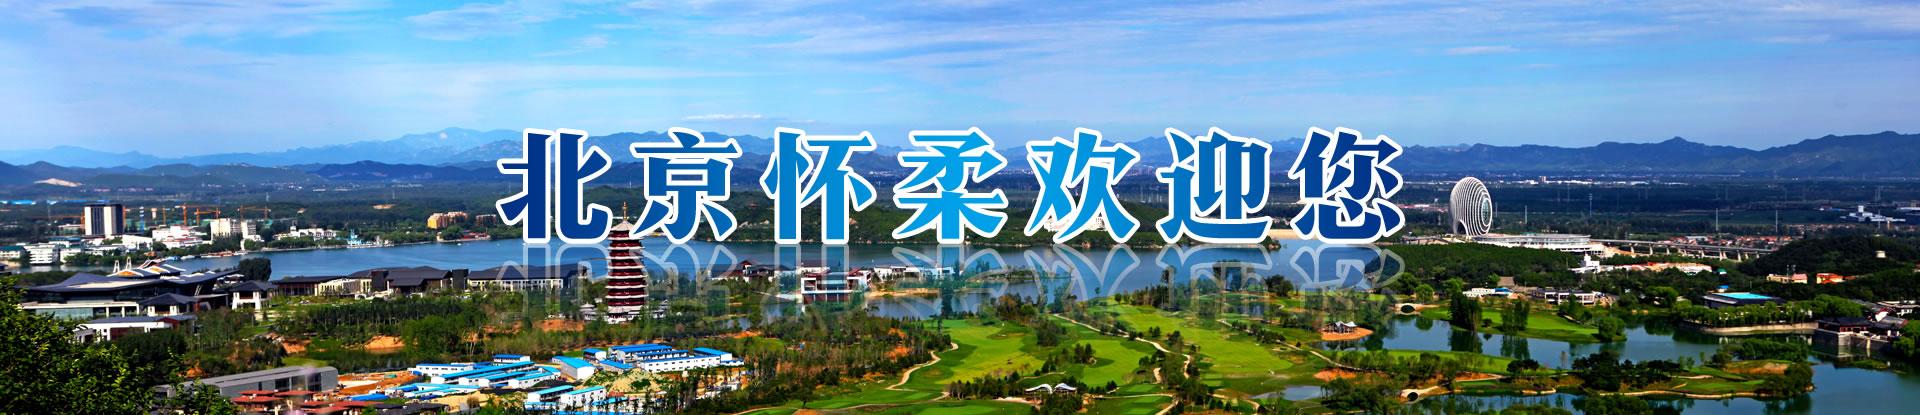 北京怀柔欢迎您